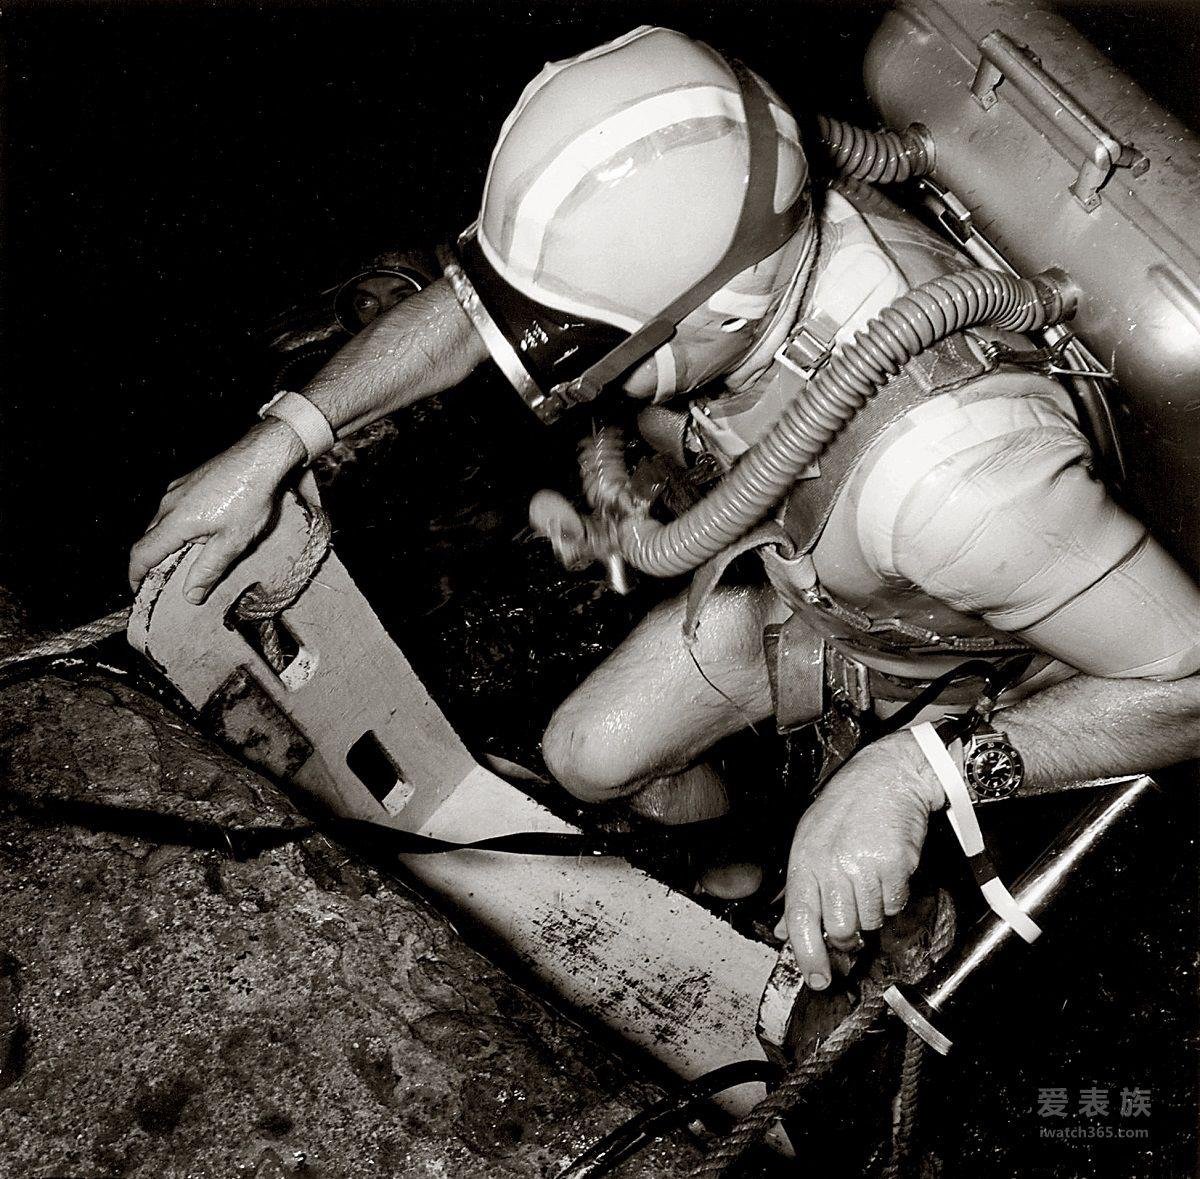 """致敬蛙人精神,再现铁血军魂 宝珀Blancpain推出五十噚系列""""蛙人突击队""""限量腕表"""